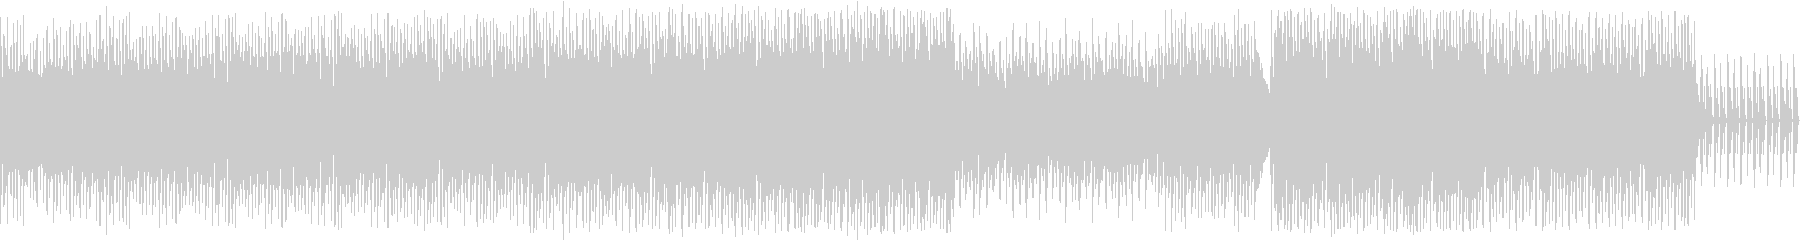 ホラー/エレクトロ/ハロウィンの未再生の波形